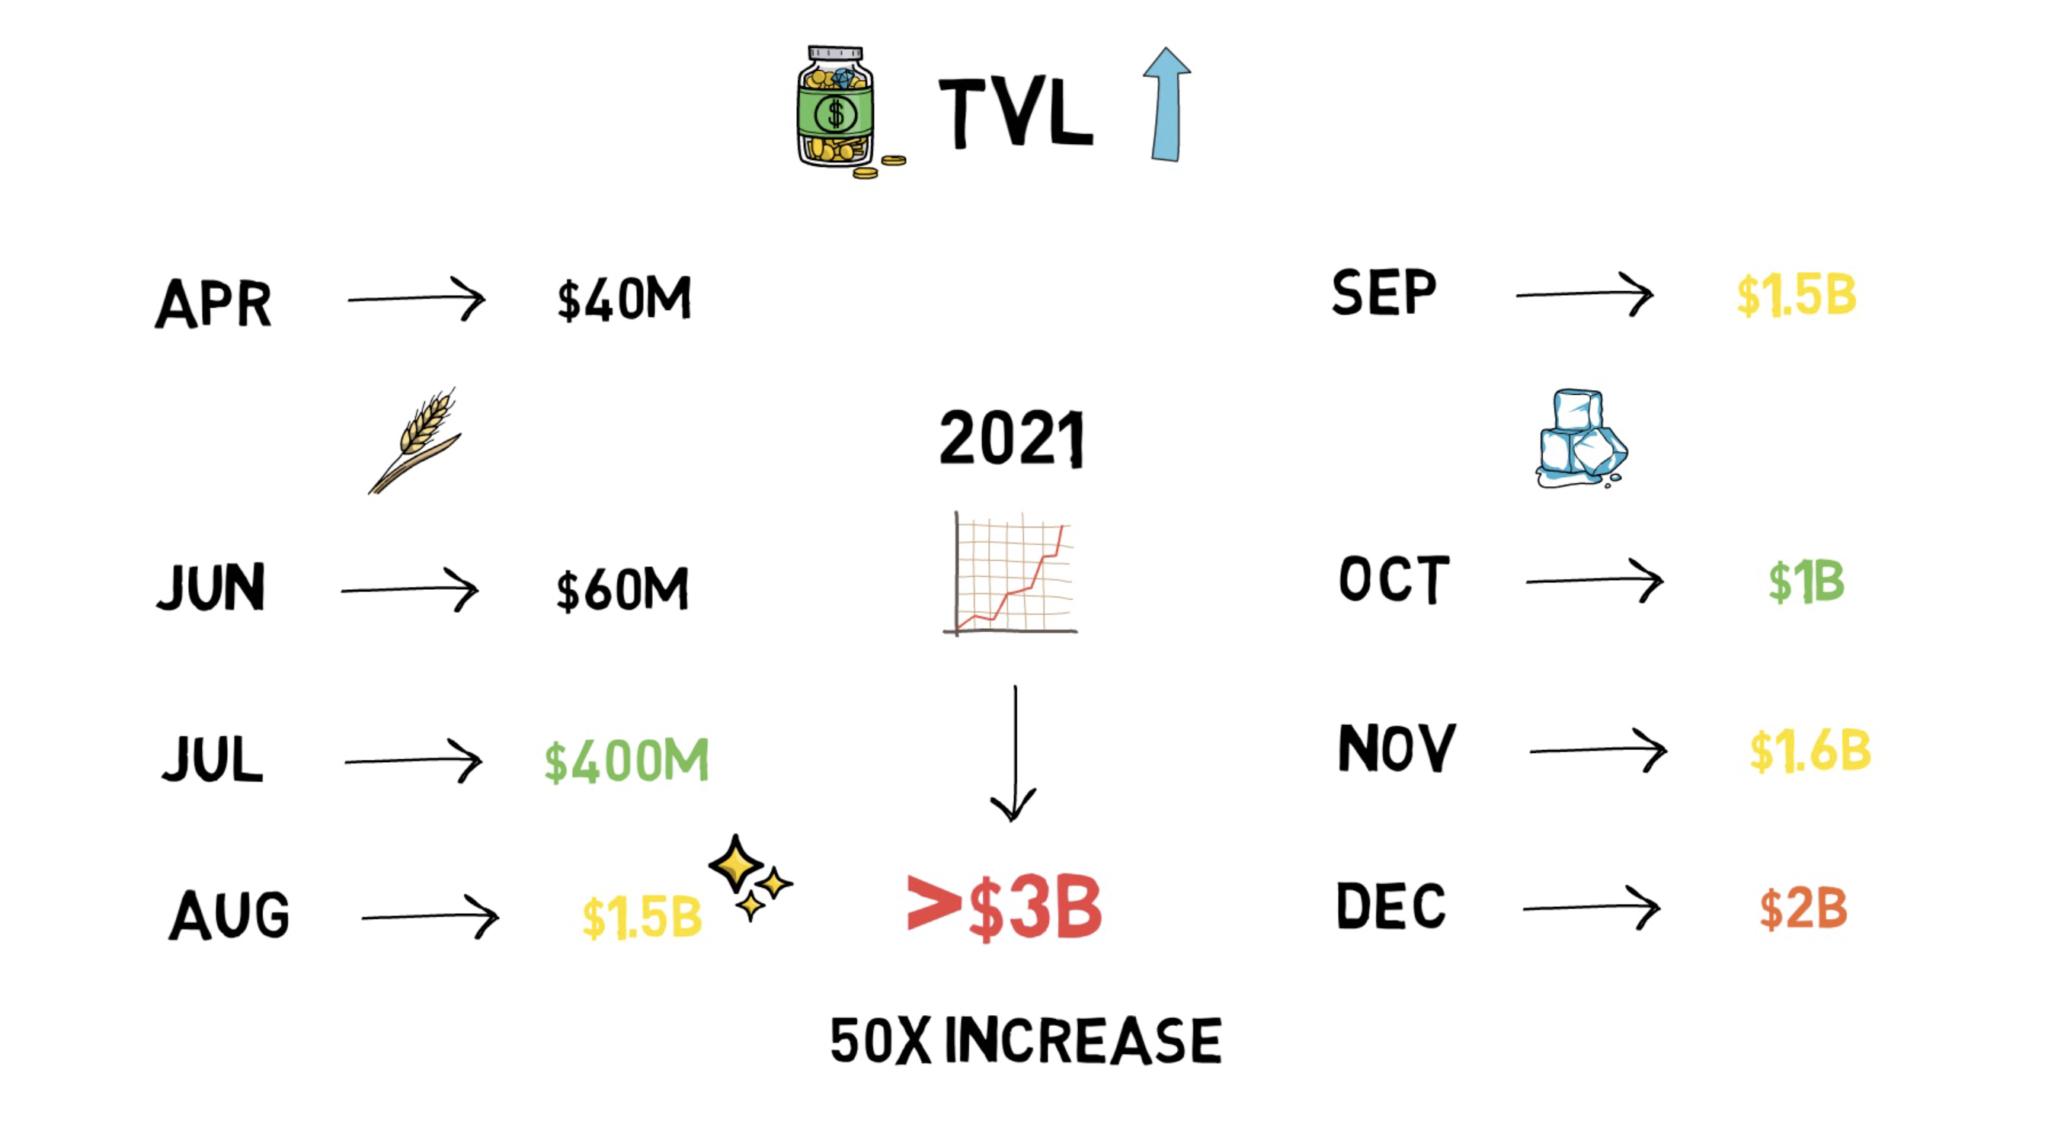 DeFi之道 | 不到一年,TVL从0增长到30亿美元,Aave是如何炼成的?